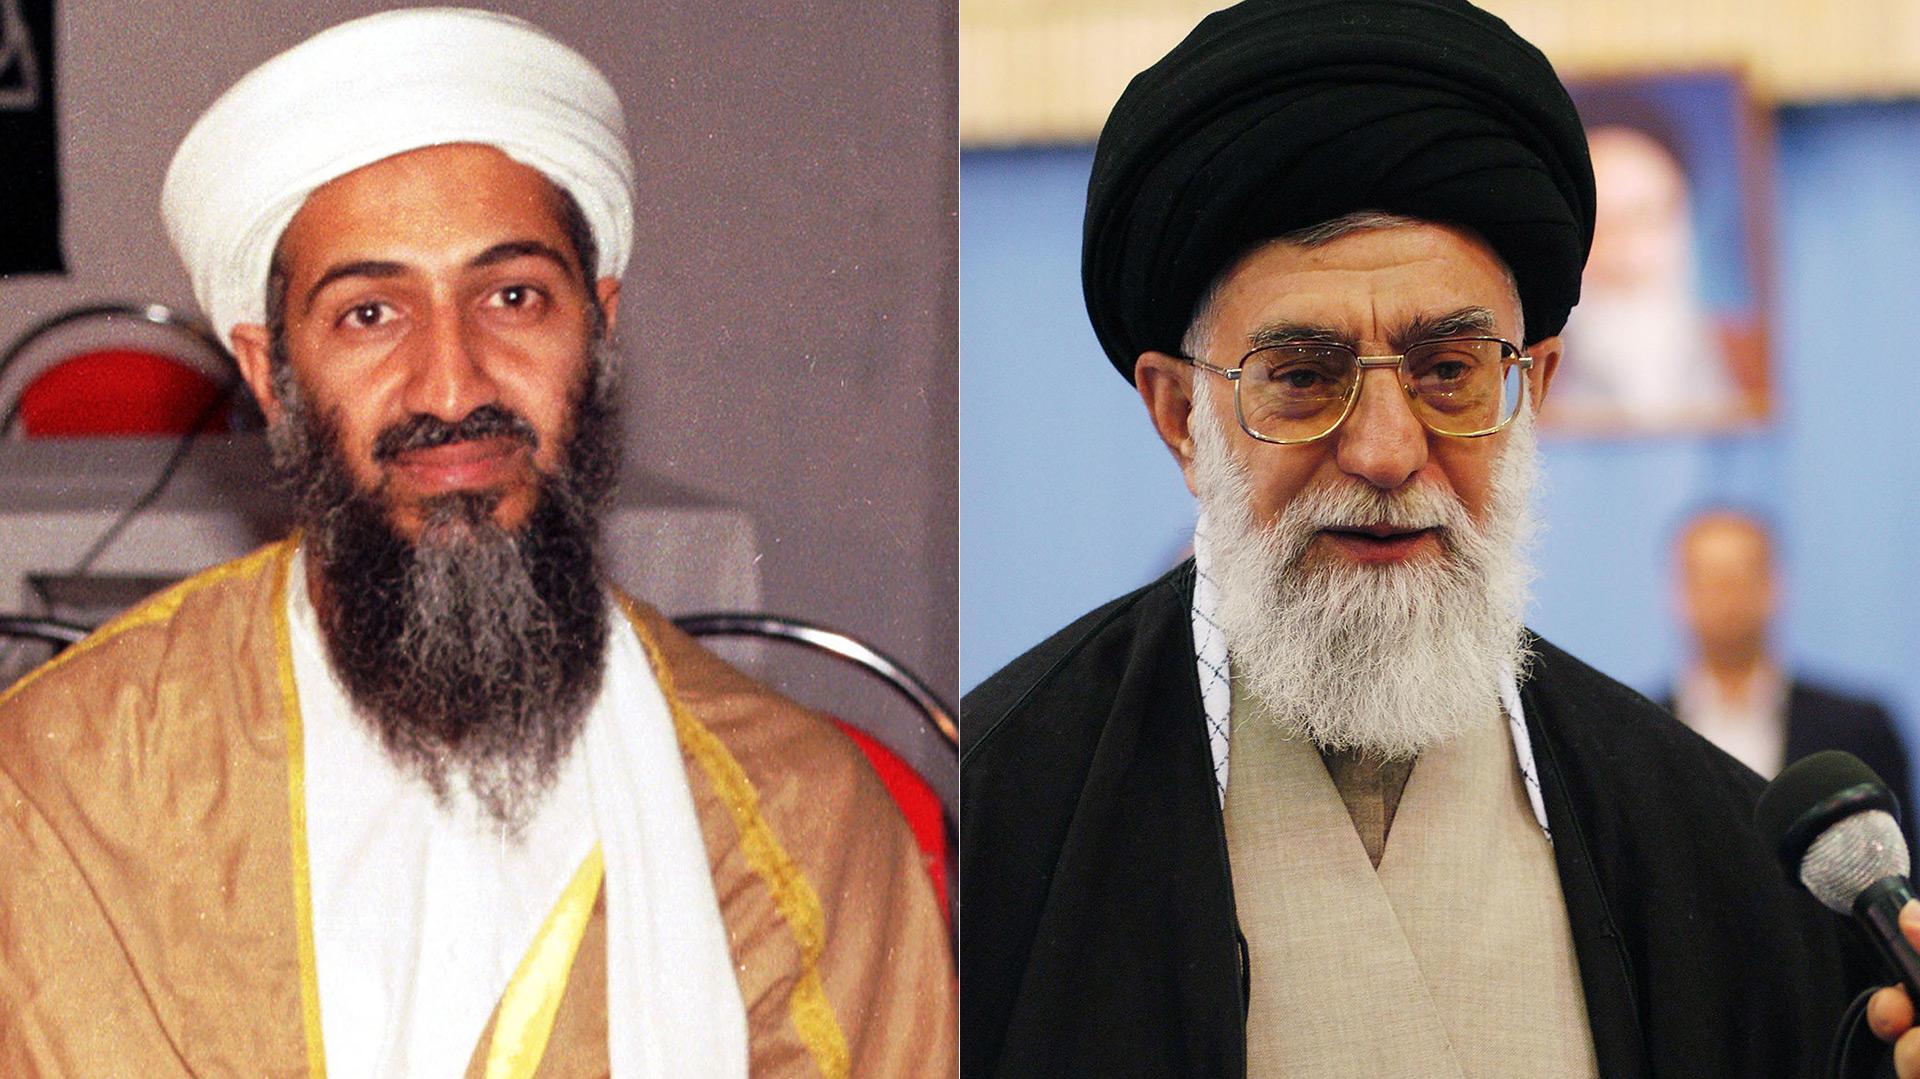 Osama Bin Laden, fallecido líder de Al Qaeda, y el líder supremo de Irán, ayatola Ali Khamenei